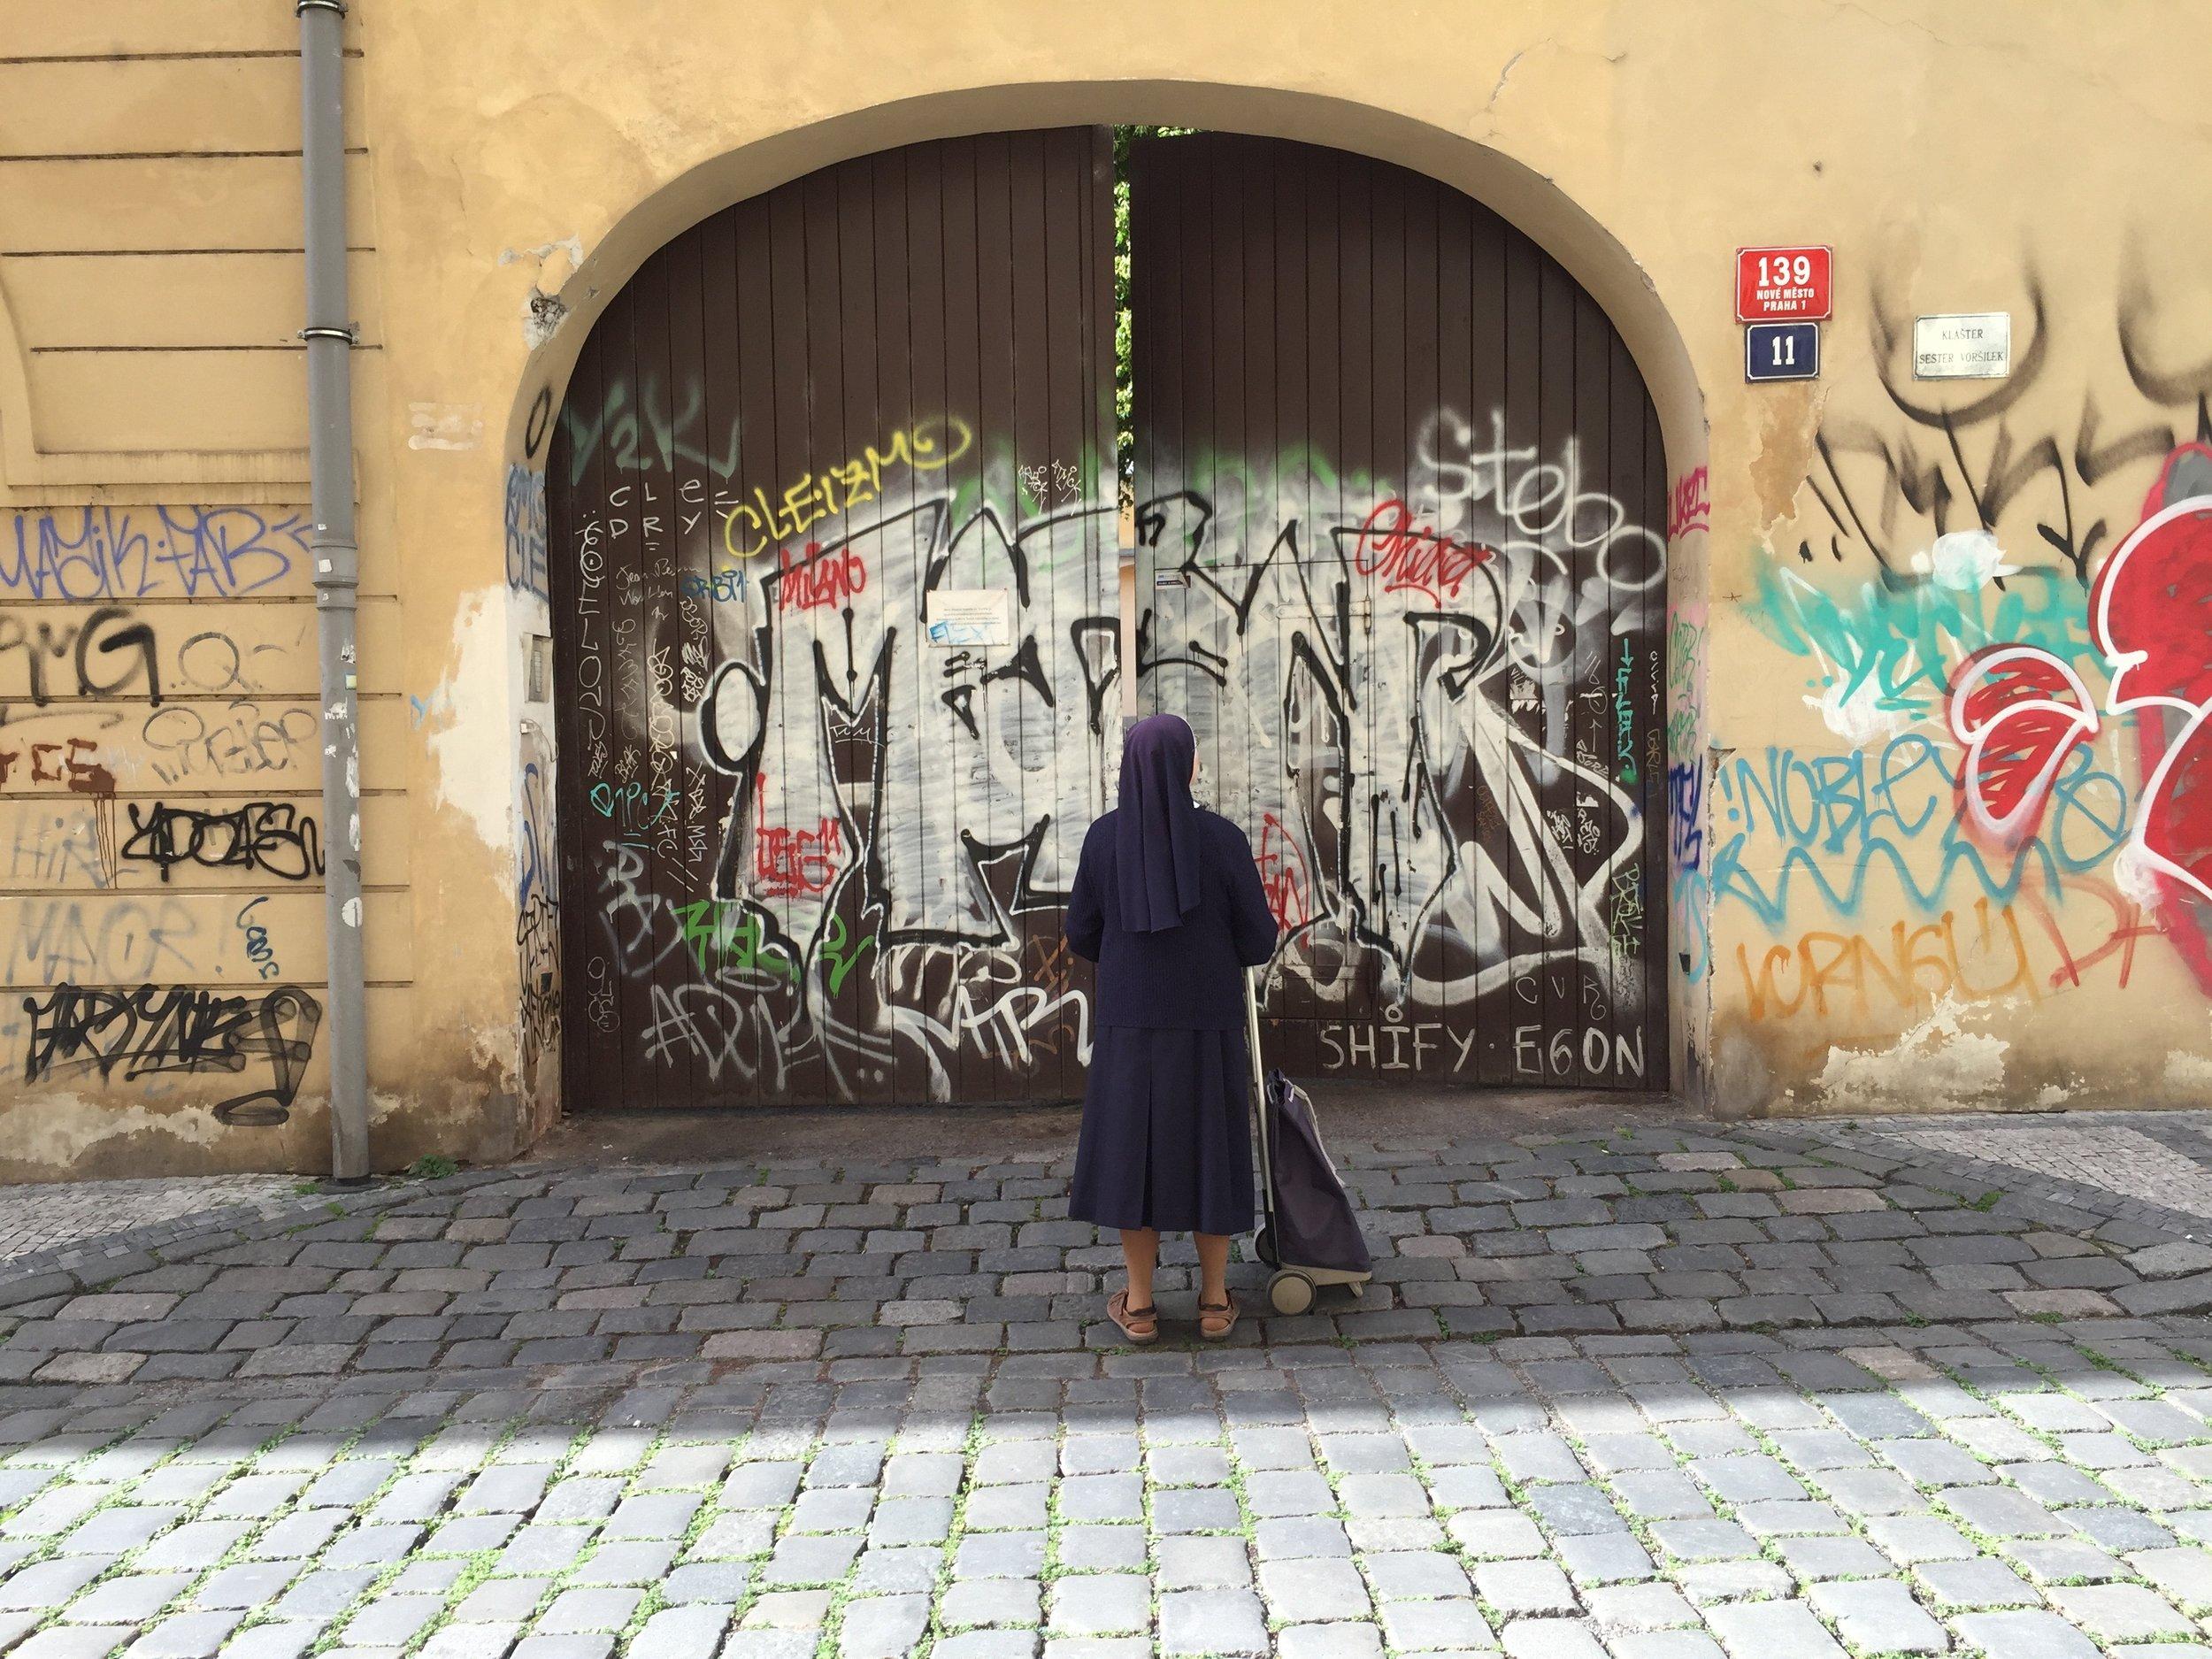 Cosmic Graffiti: An Exploration of Power